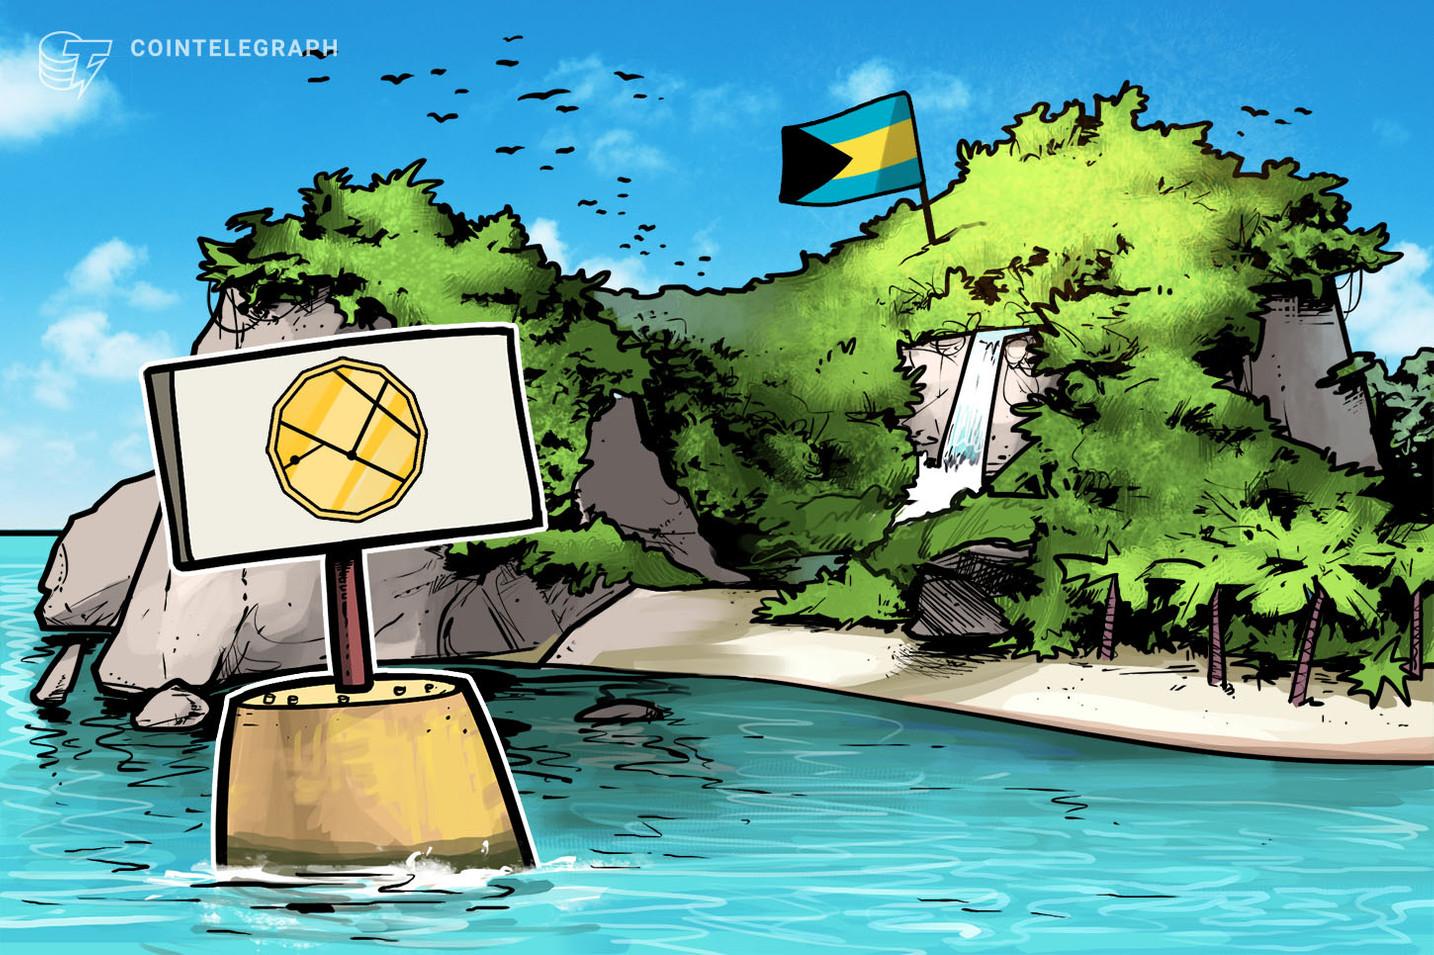 Banco Central de Bahamas formaliza un acuerdo para emitir la primera moneda digital nacional en el 2020